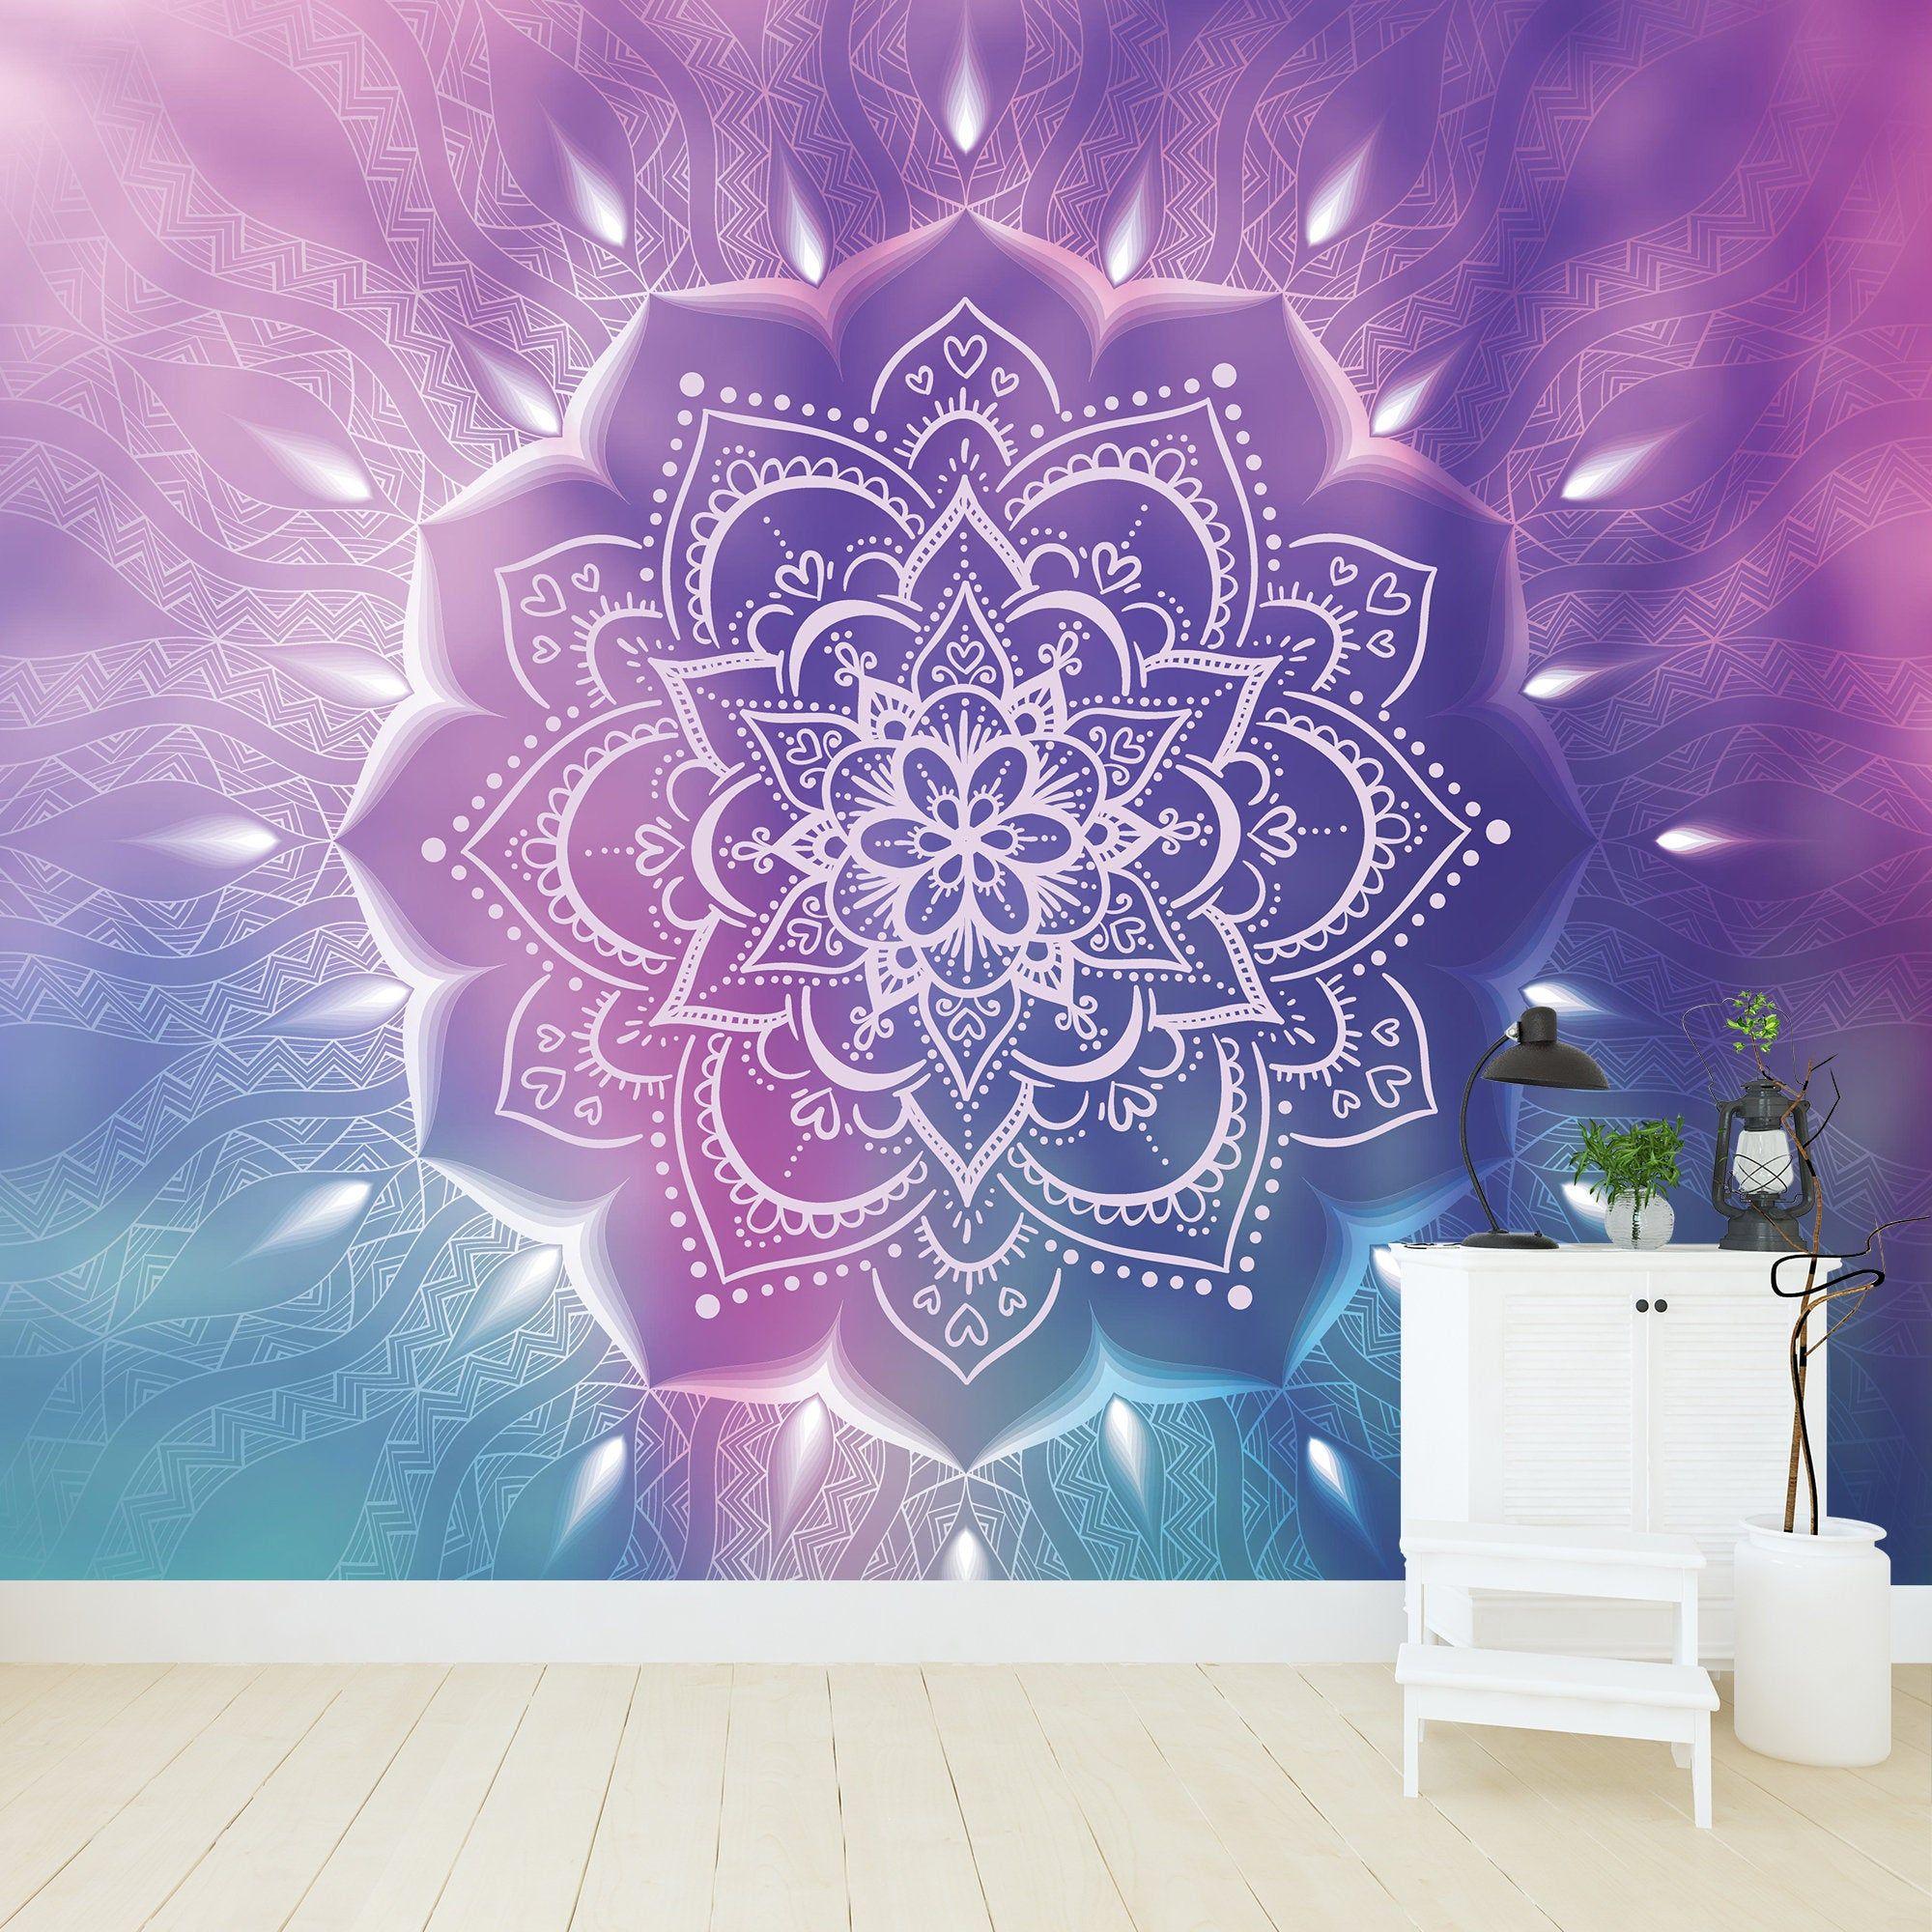 Mandala Removable Wallpaper Personalize Print Ombre Etsy Removable Wallpaper Mandala Wallpaper Personalized Prints